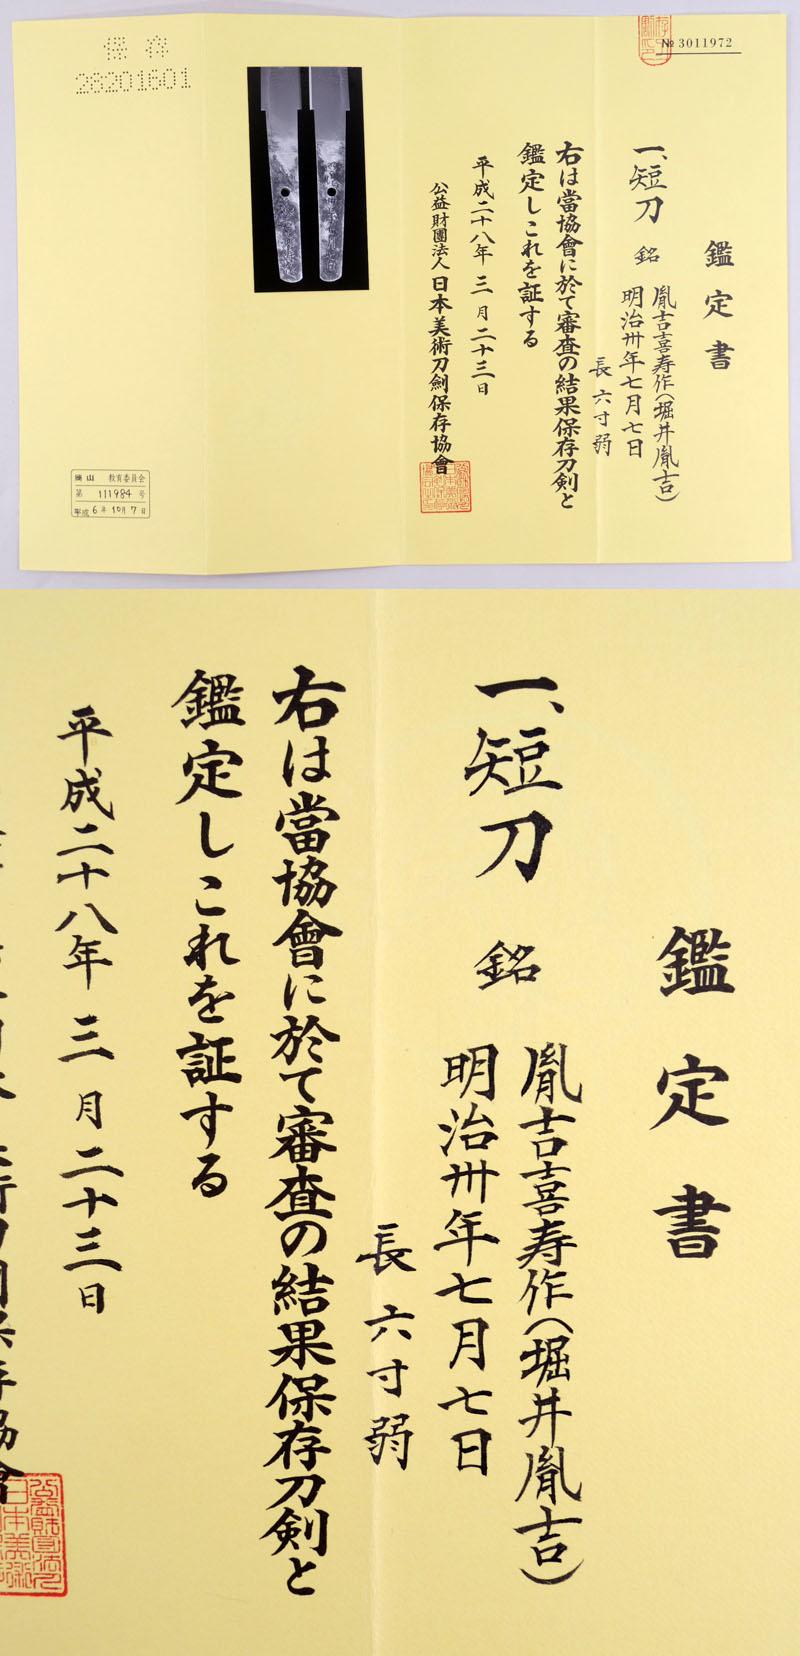 胤吉喜寿作(堀井胤吉) Picture of Certificate